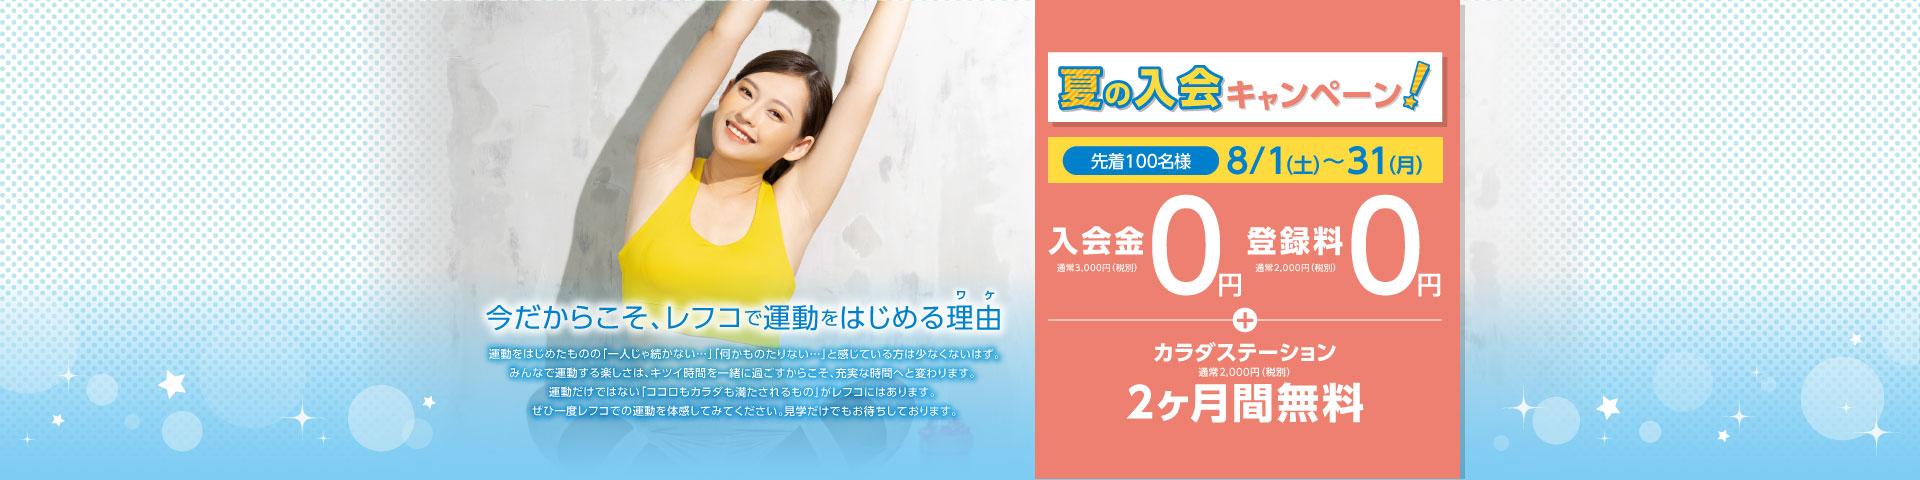 8月入会キャンペーン